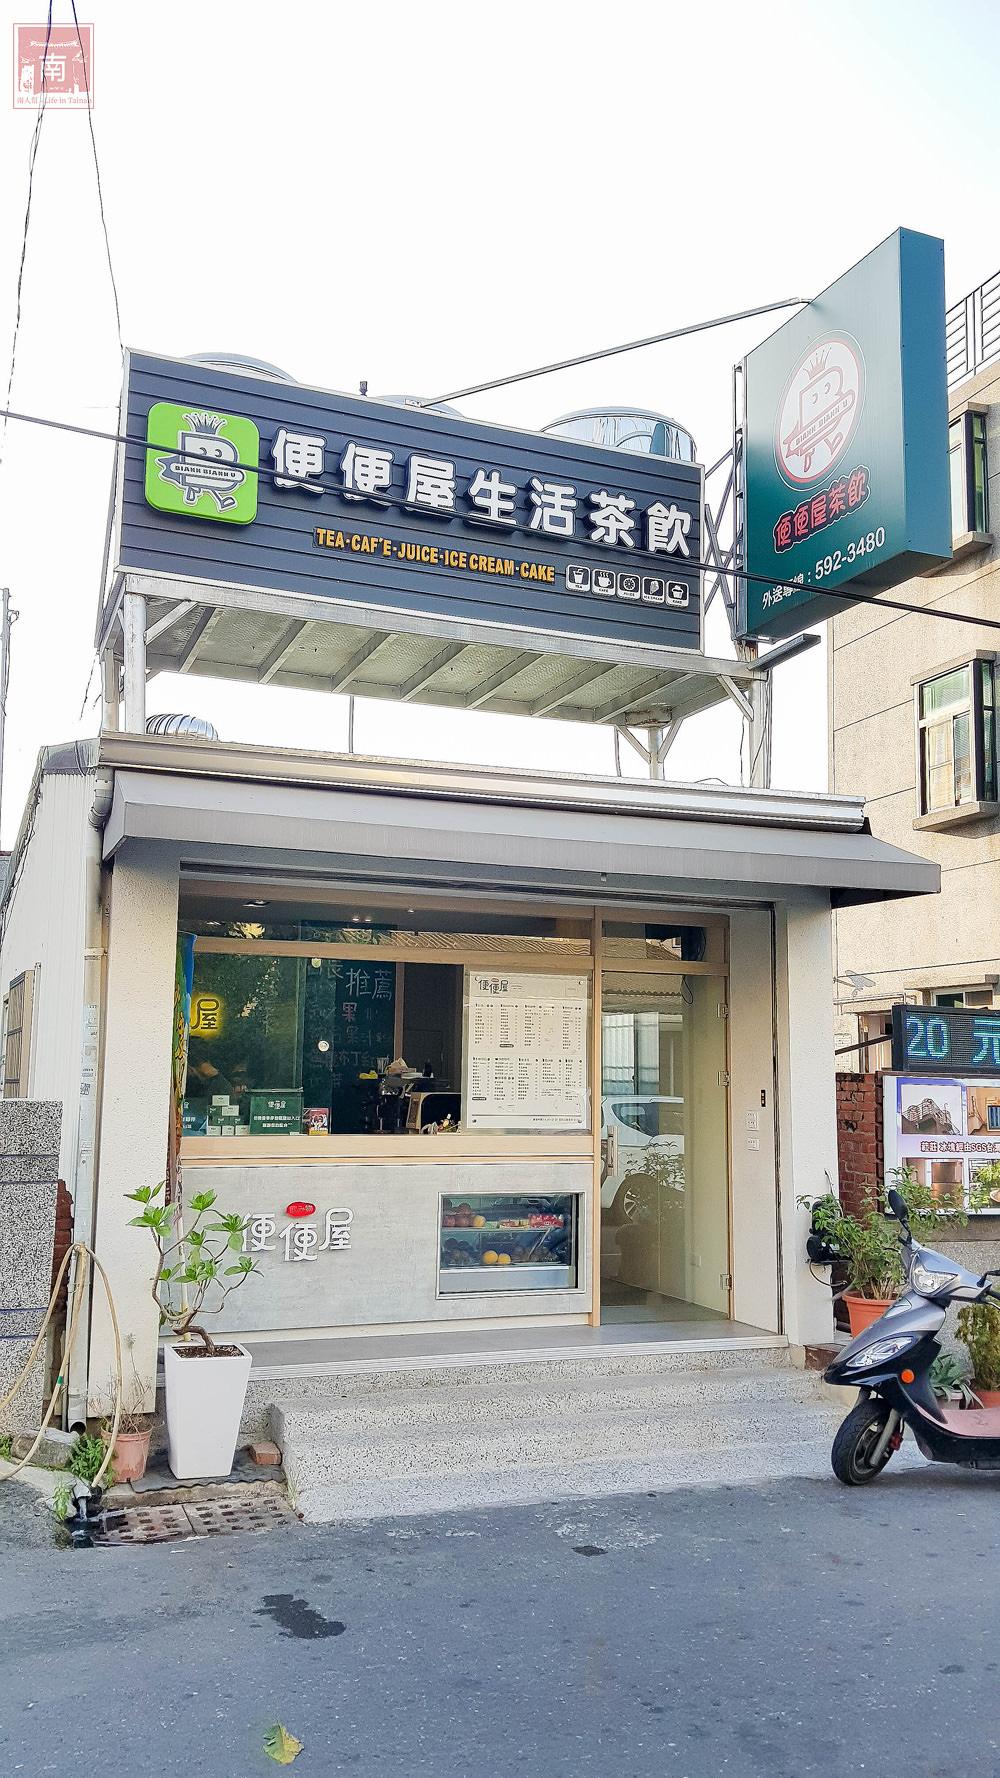 【臺南飲料】臺南地區唯一分店|網路爆紅波霸奶茶|店面改裝新風格~便便屋生活茶飲 - 南人幫